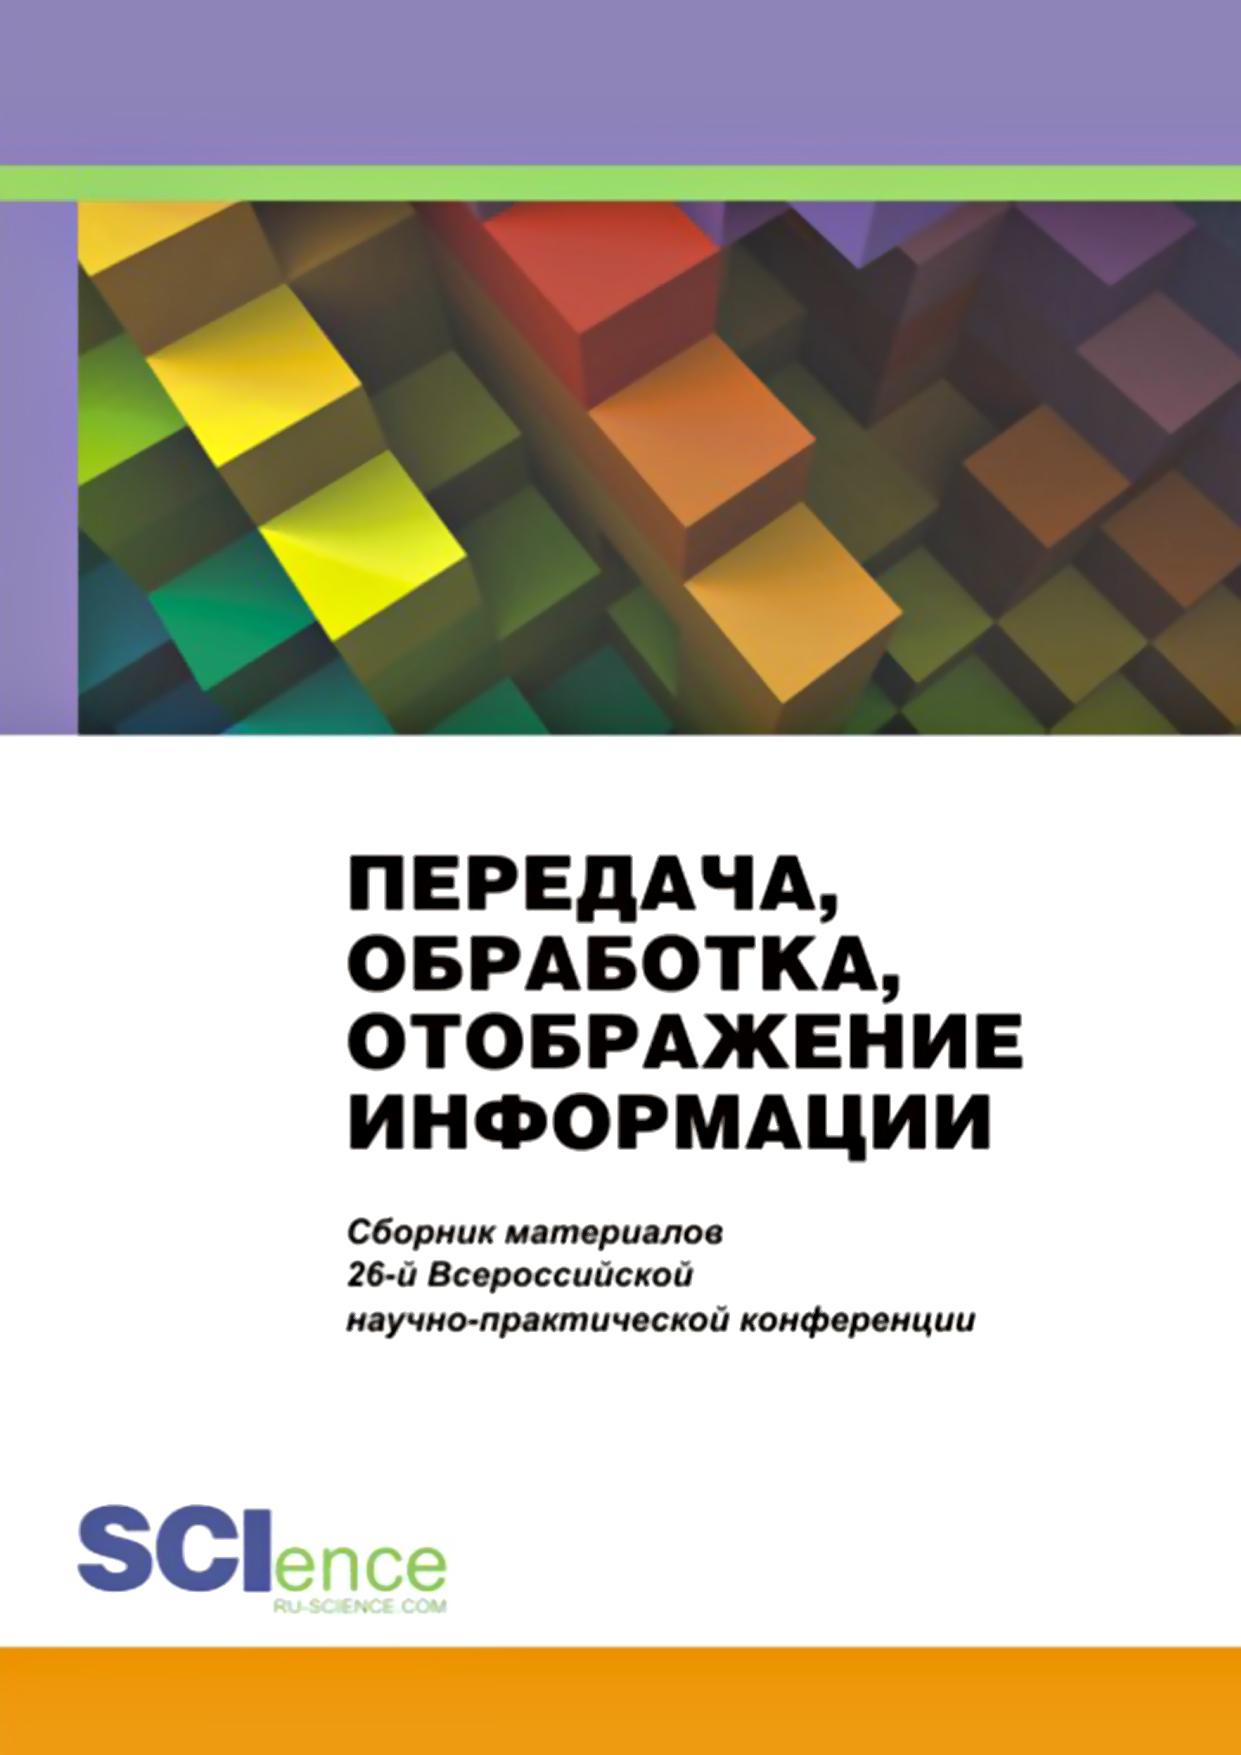 Передача, обработка, отображение информации. Сборник материалов 26-й Всероссийской научно-практической конференции